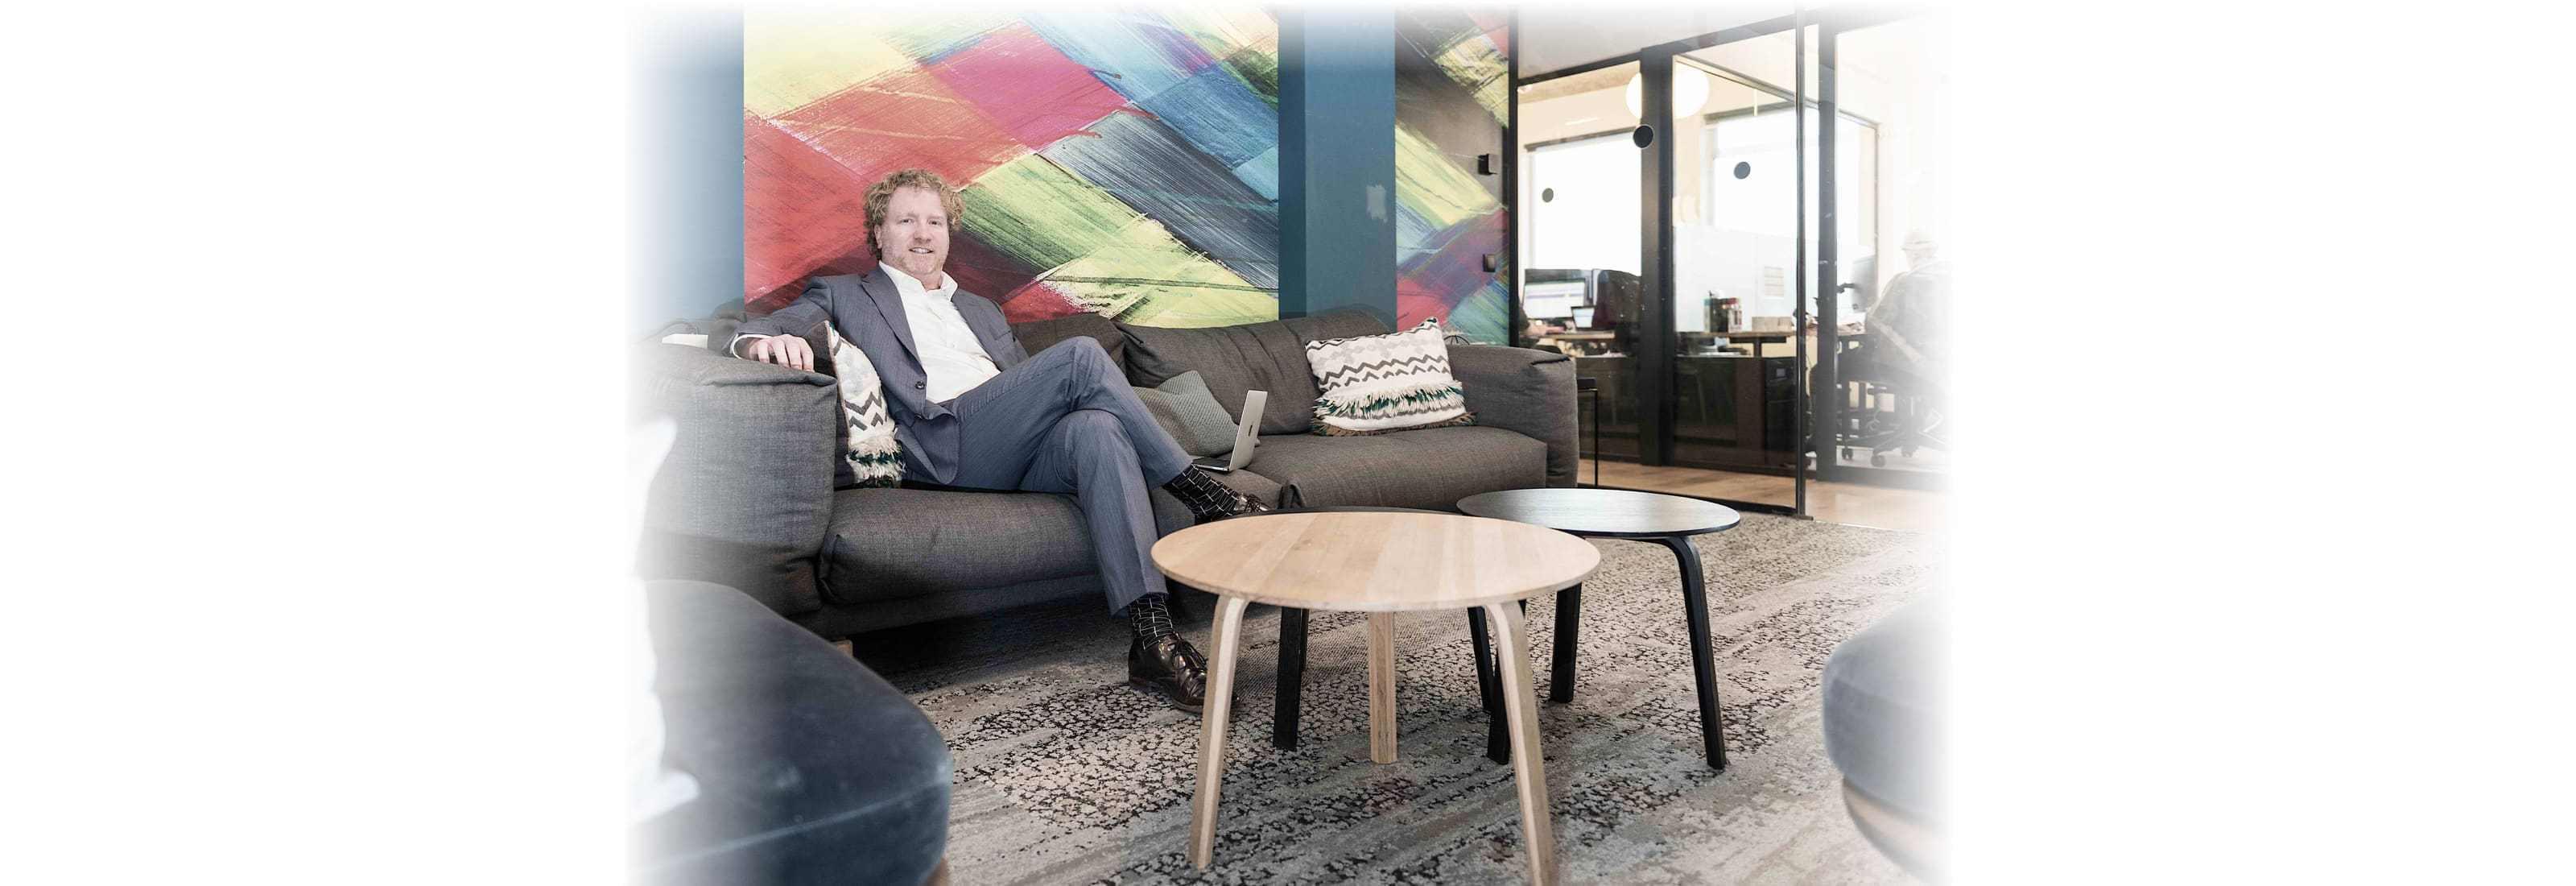 SpijkerFiscaal - Fiscaal juridisch advieskantoor in Amsterdam